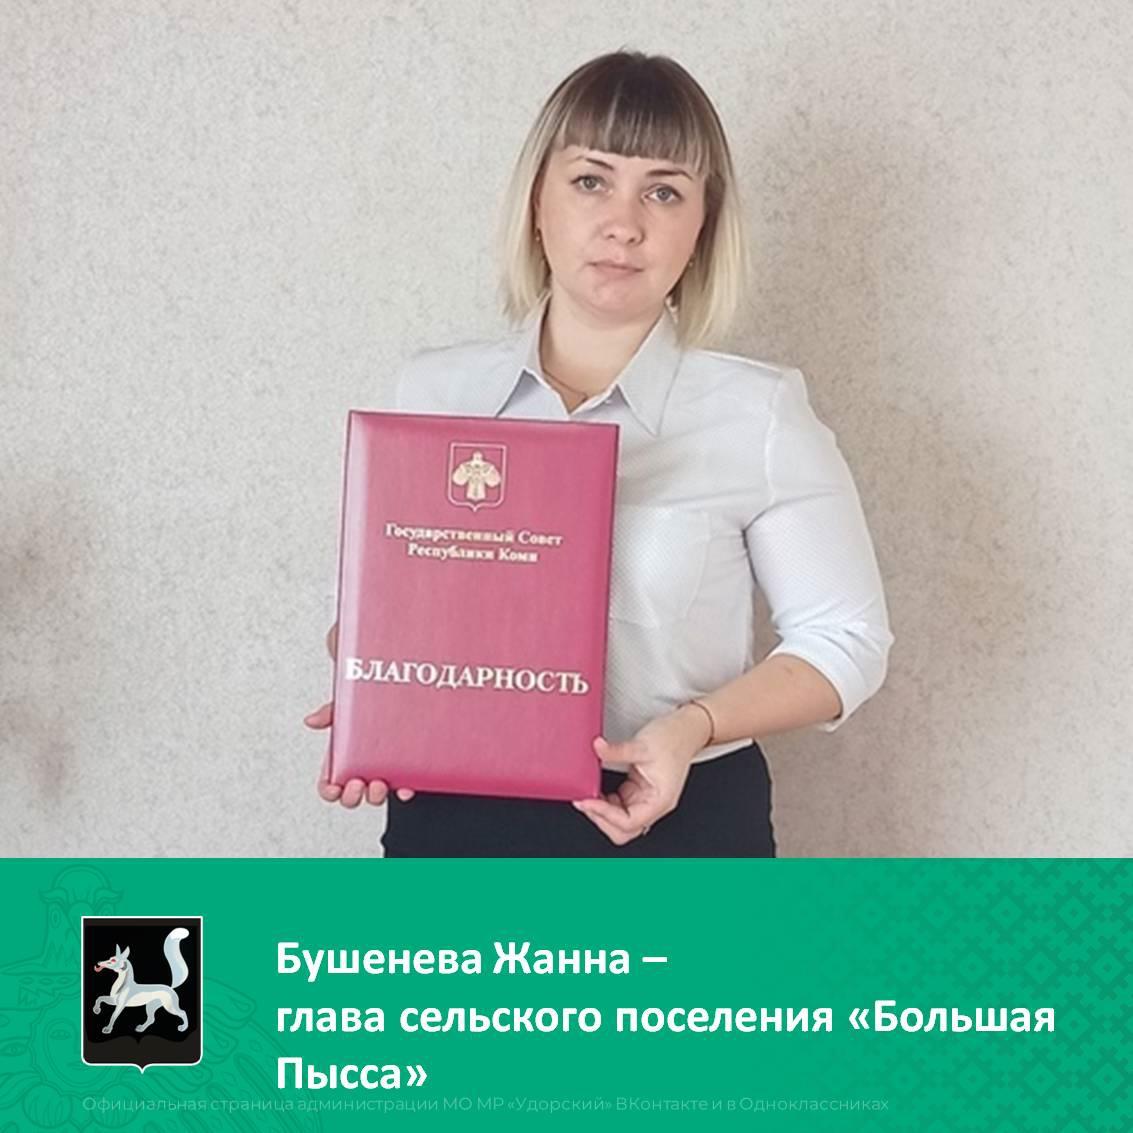 Главой СП Большая Пысса единогласно избрана Жанна Бушенева